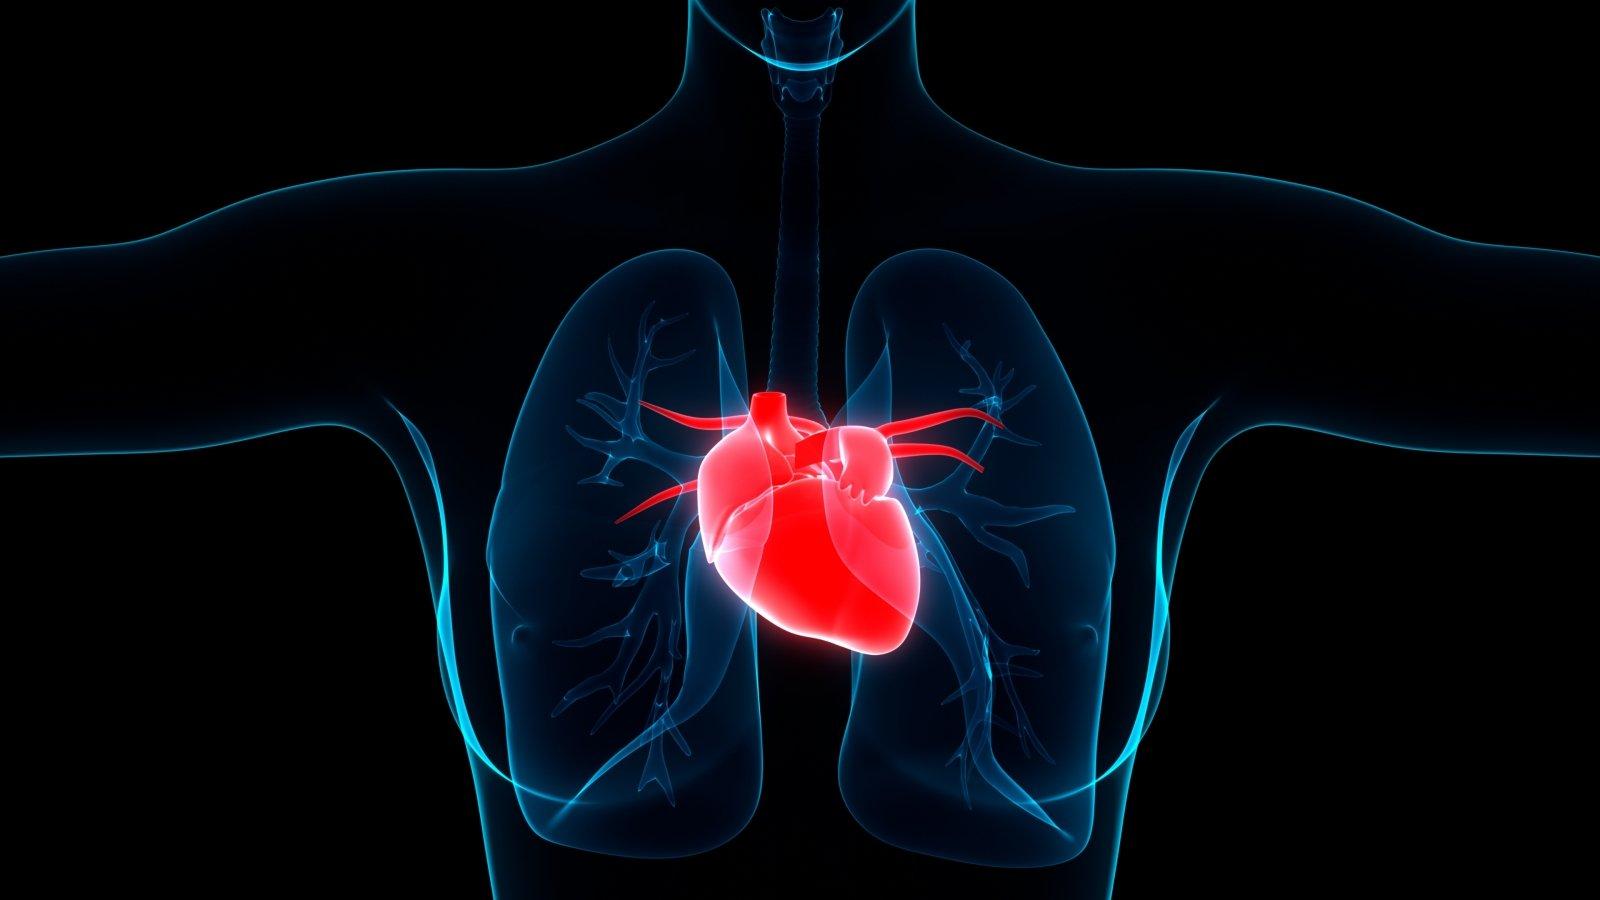 nutukimas, estrogenai, vyras, širdies ligos, KMI, svoris, soja - jusukalve.lt